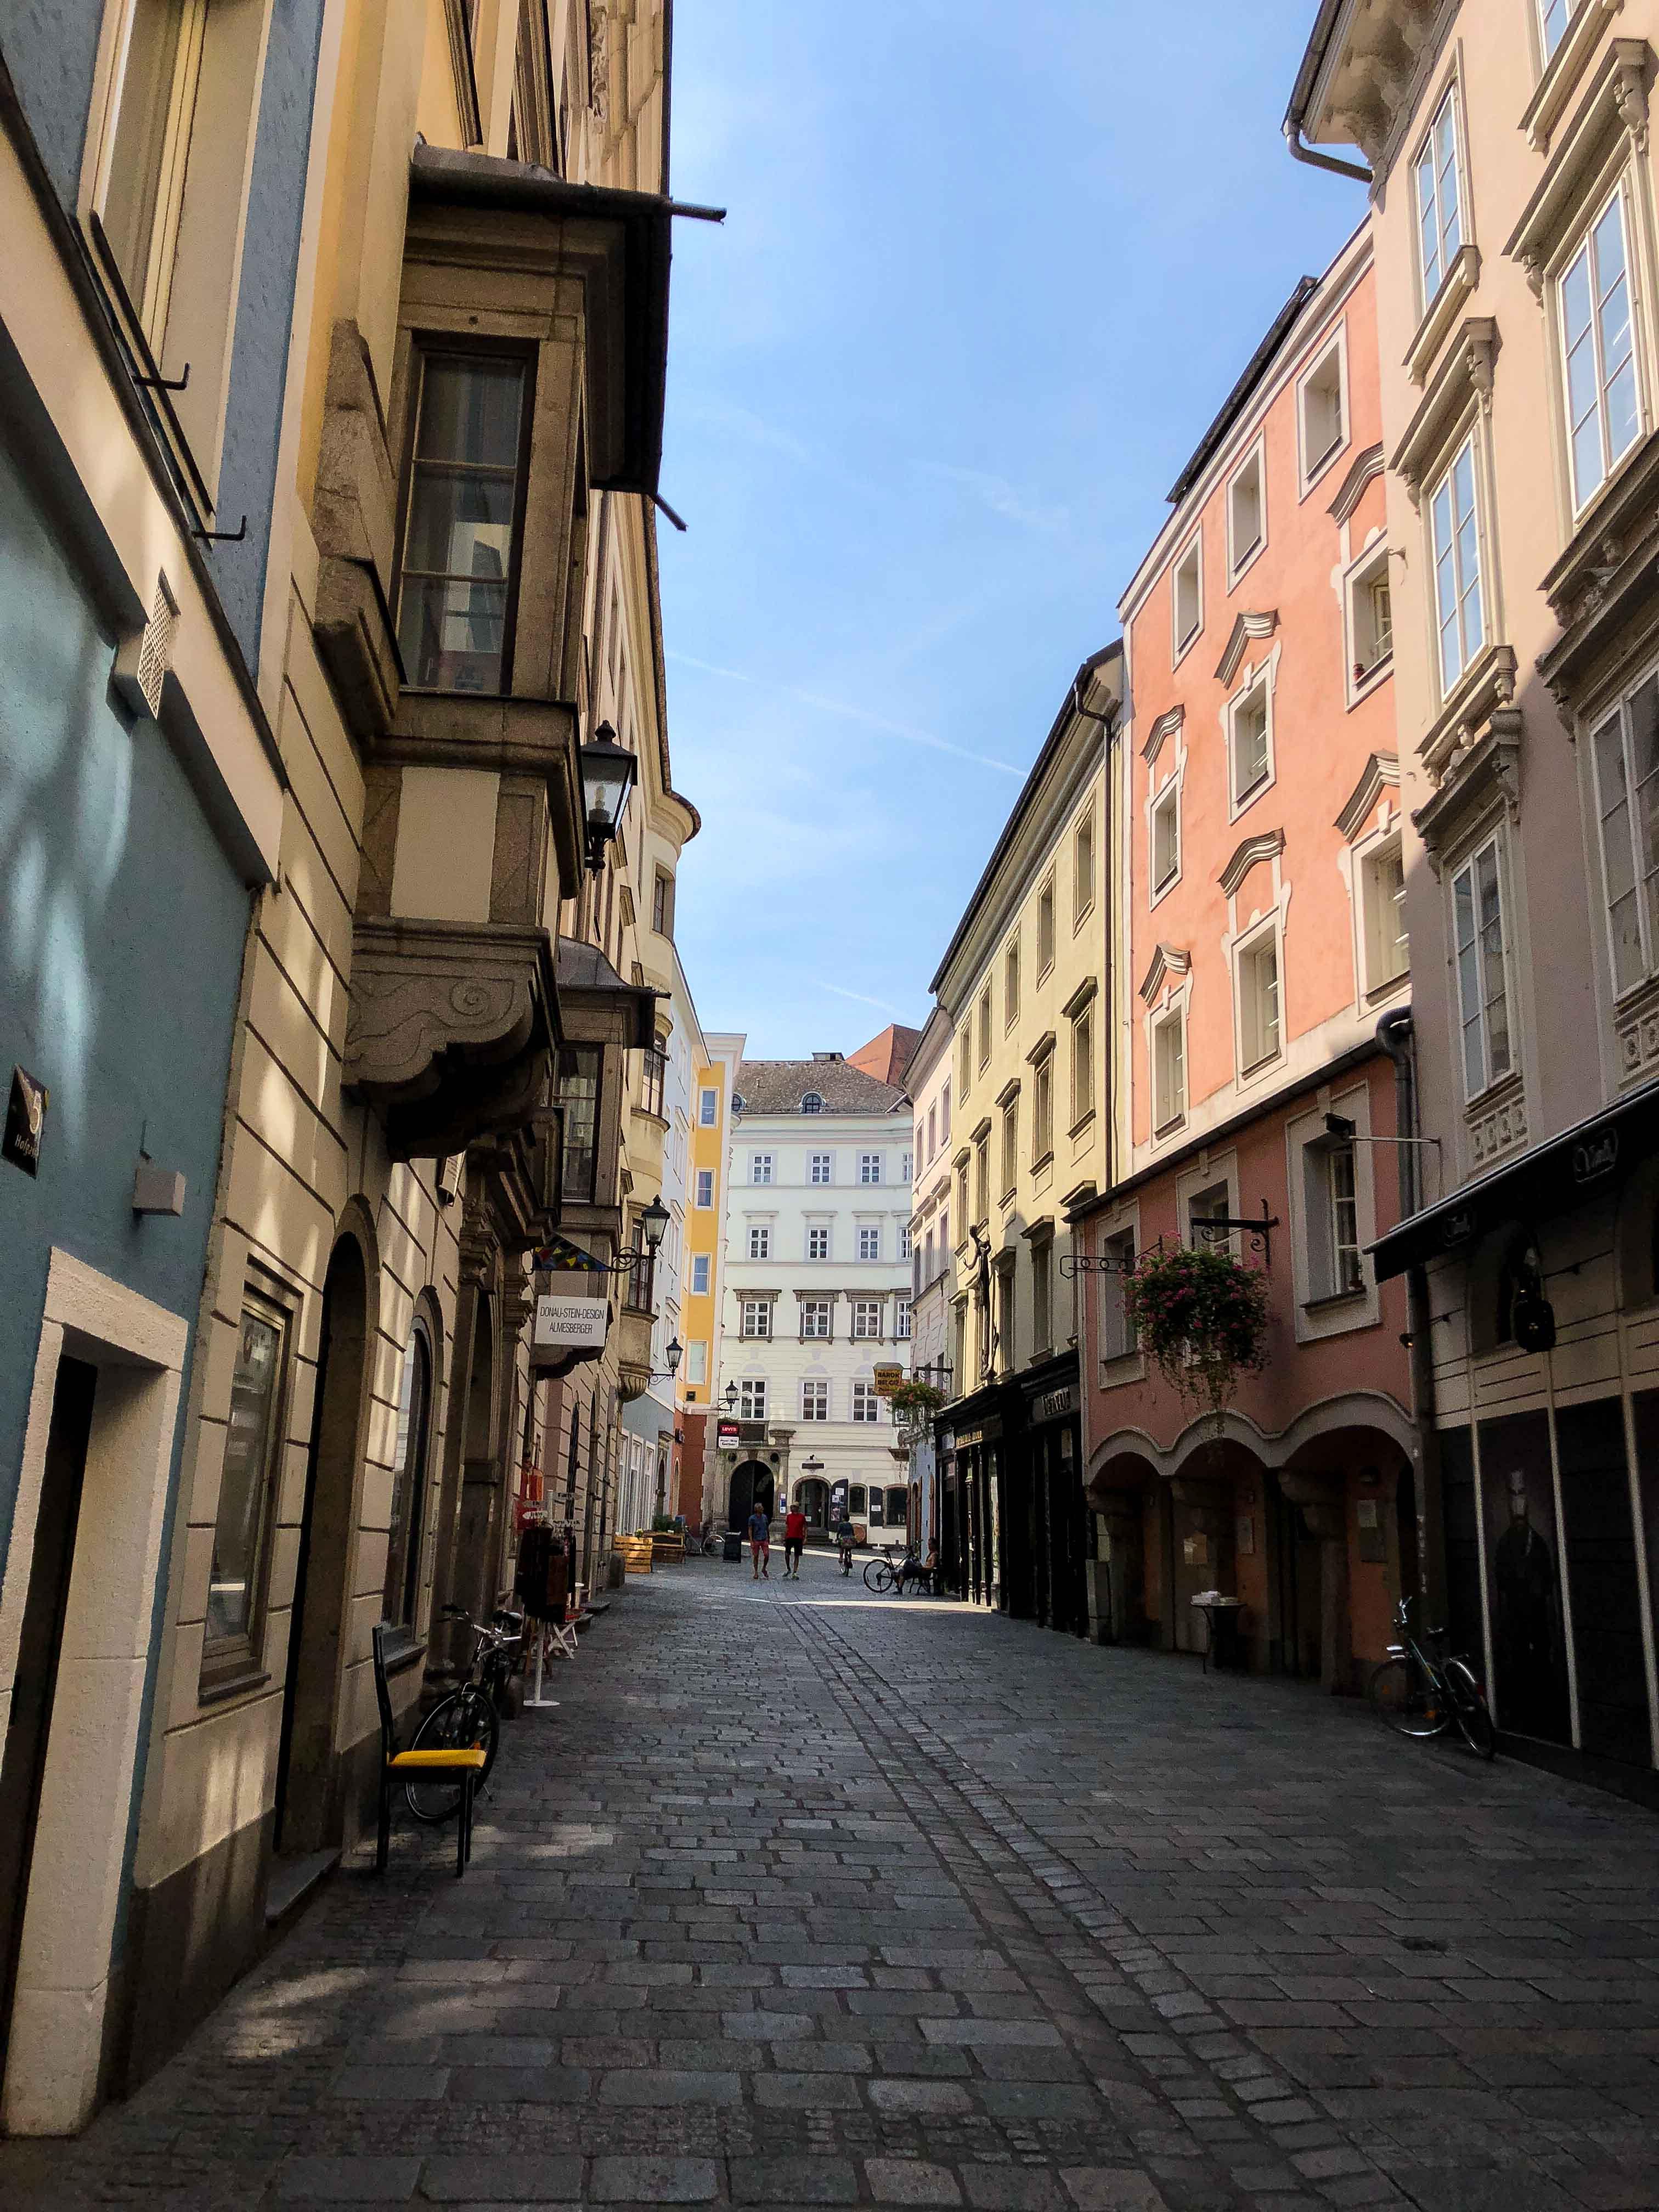 Linz Altstadt Österreich Insider Tipps Sehenswürdigkeiten Donaukreuzfahrt Arosa Reiseblog